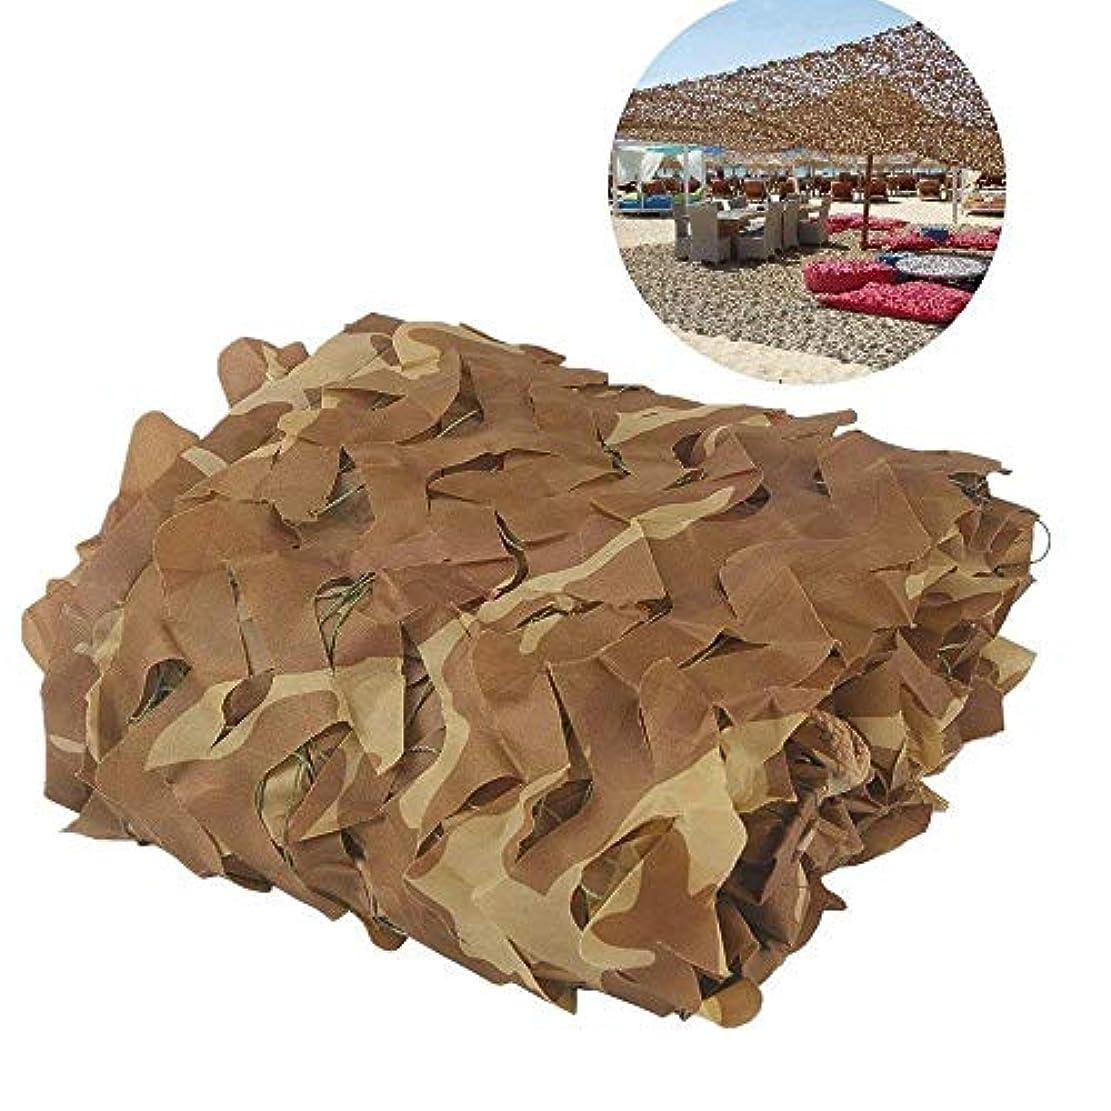 グリップ構造大ジャングル砂漠迷彩ネットキャンプ戦術シェードネット屋外日焼け止めCSメッシュオーニング子供車のテントテーマパーティー大きなポイント、様々なサイズ